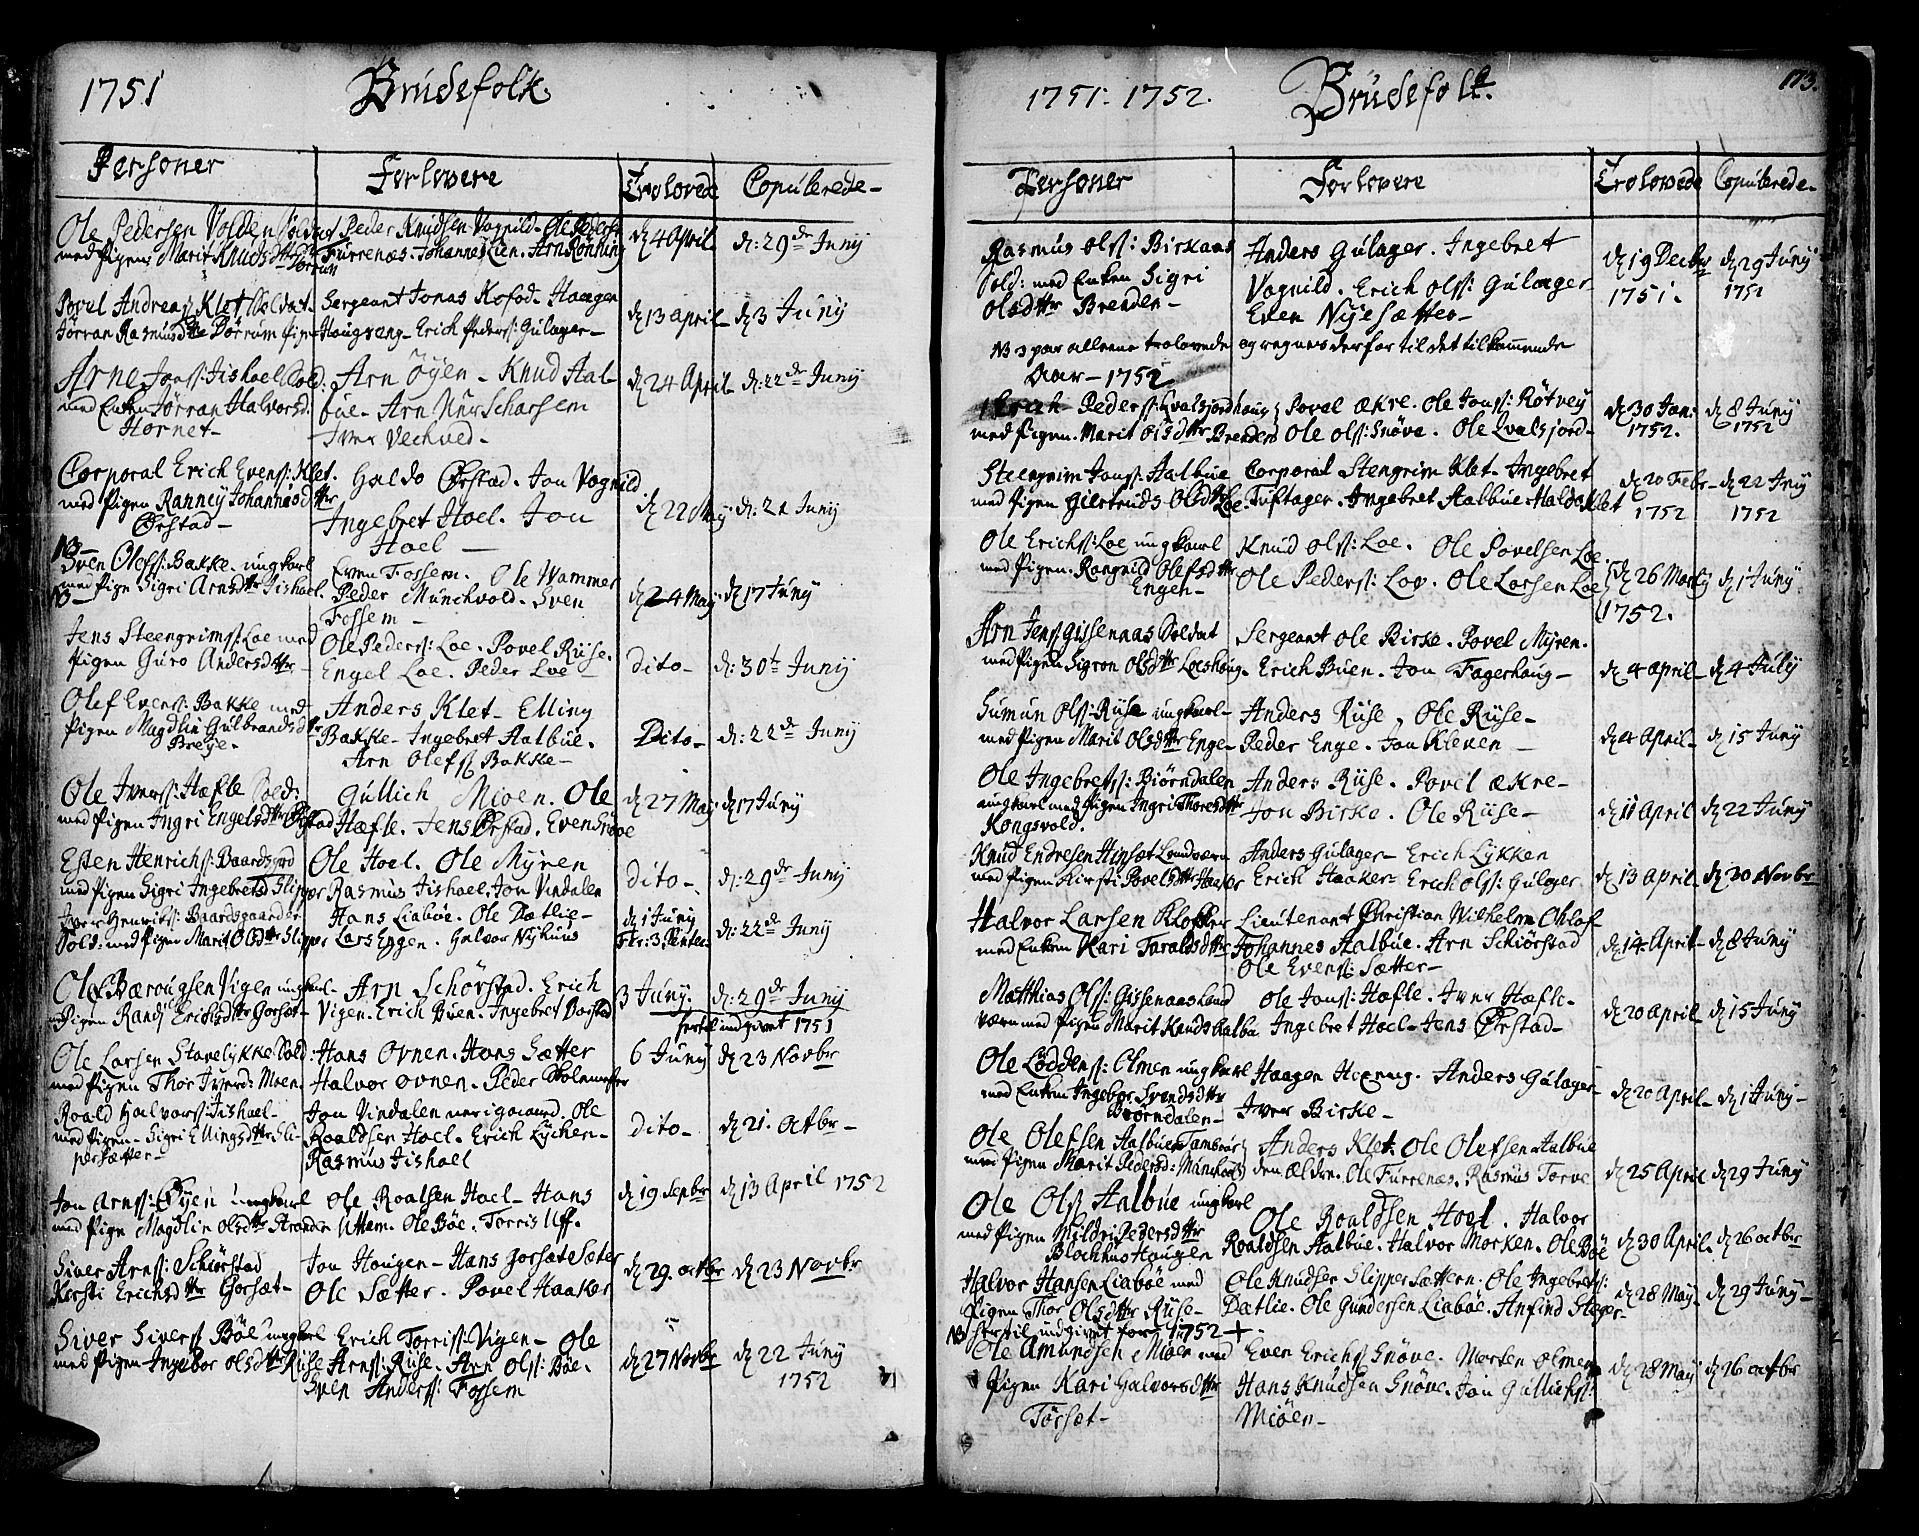 SAT, Ministerialprotokoller, klokkerbøker og fødselsregistre - Sør-Trøndelag, 678/L0891: Ministerialbok nr. 678A01, 1739-1780, s. 173